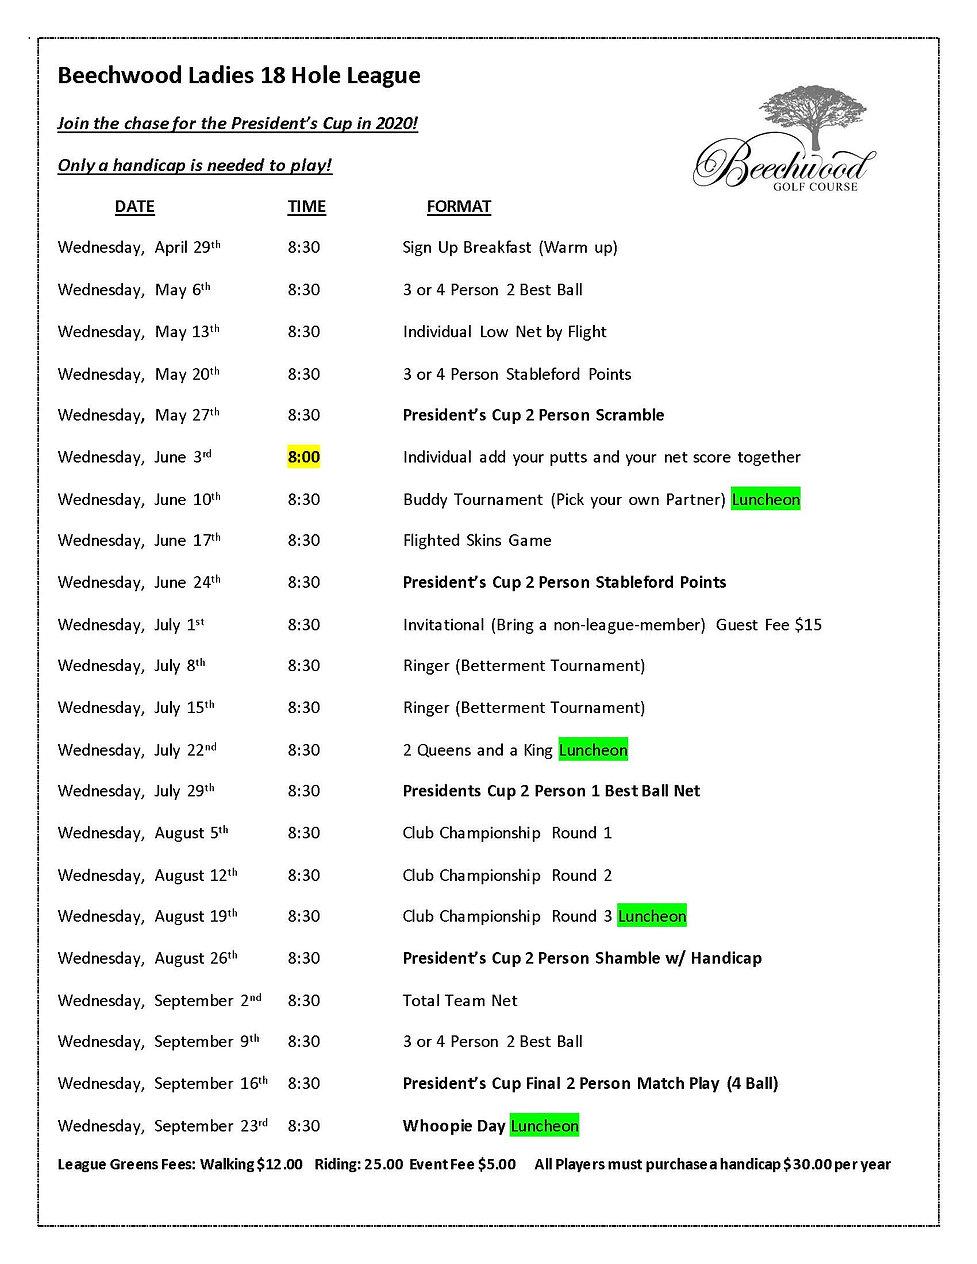 Ladies League 2020 Schedule.jpg